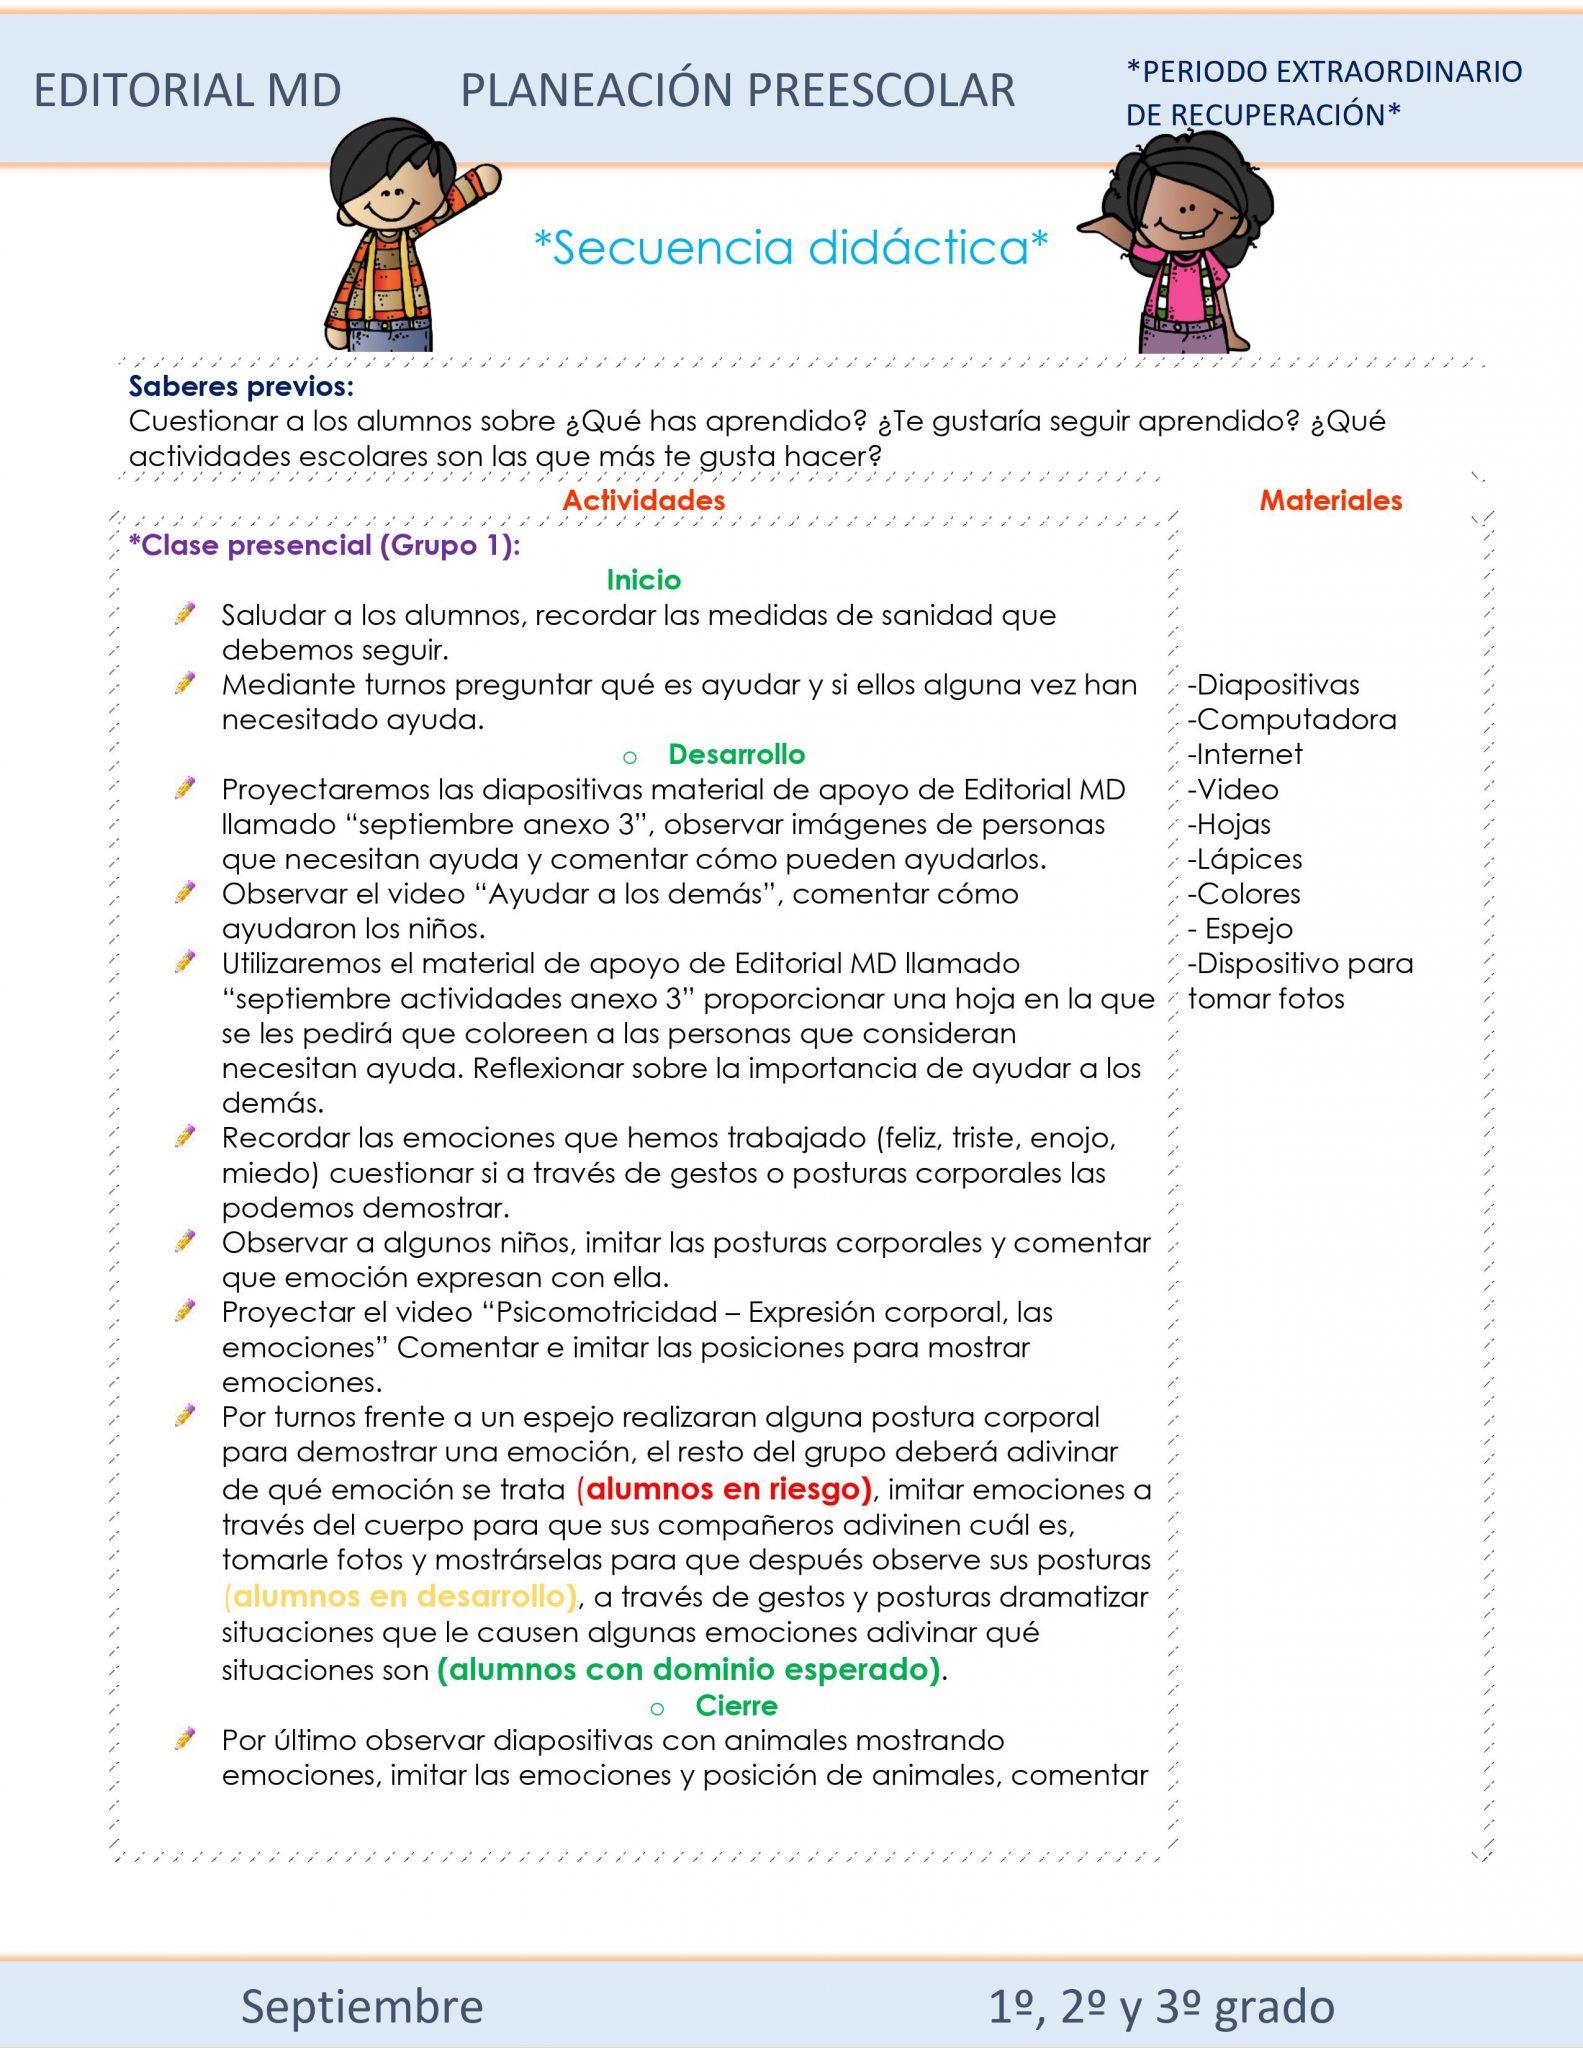 Planeación de Preescolar Híbrida del 27 de septiembre al 1 de octubre 2021 04